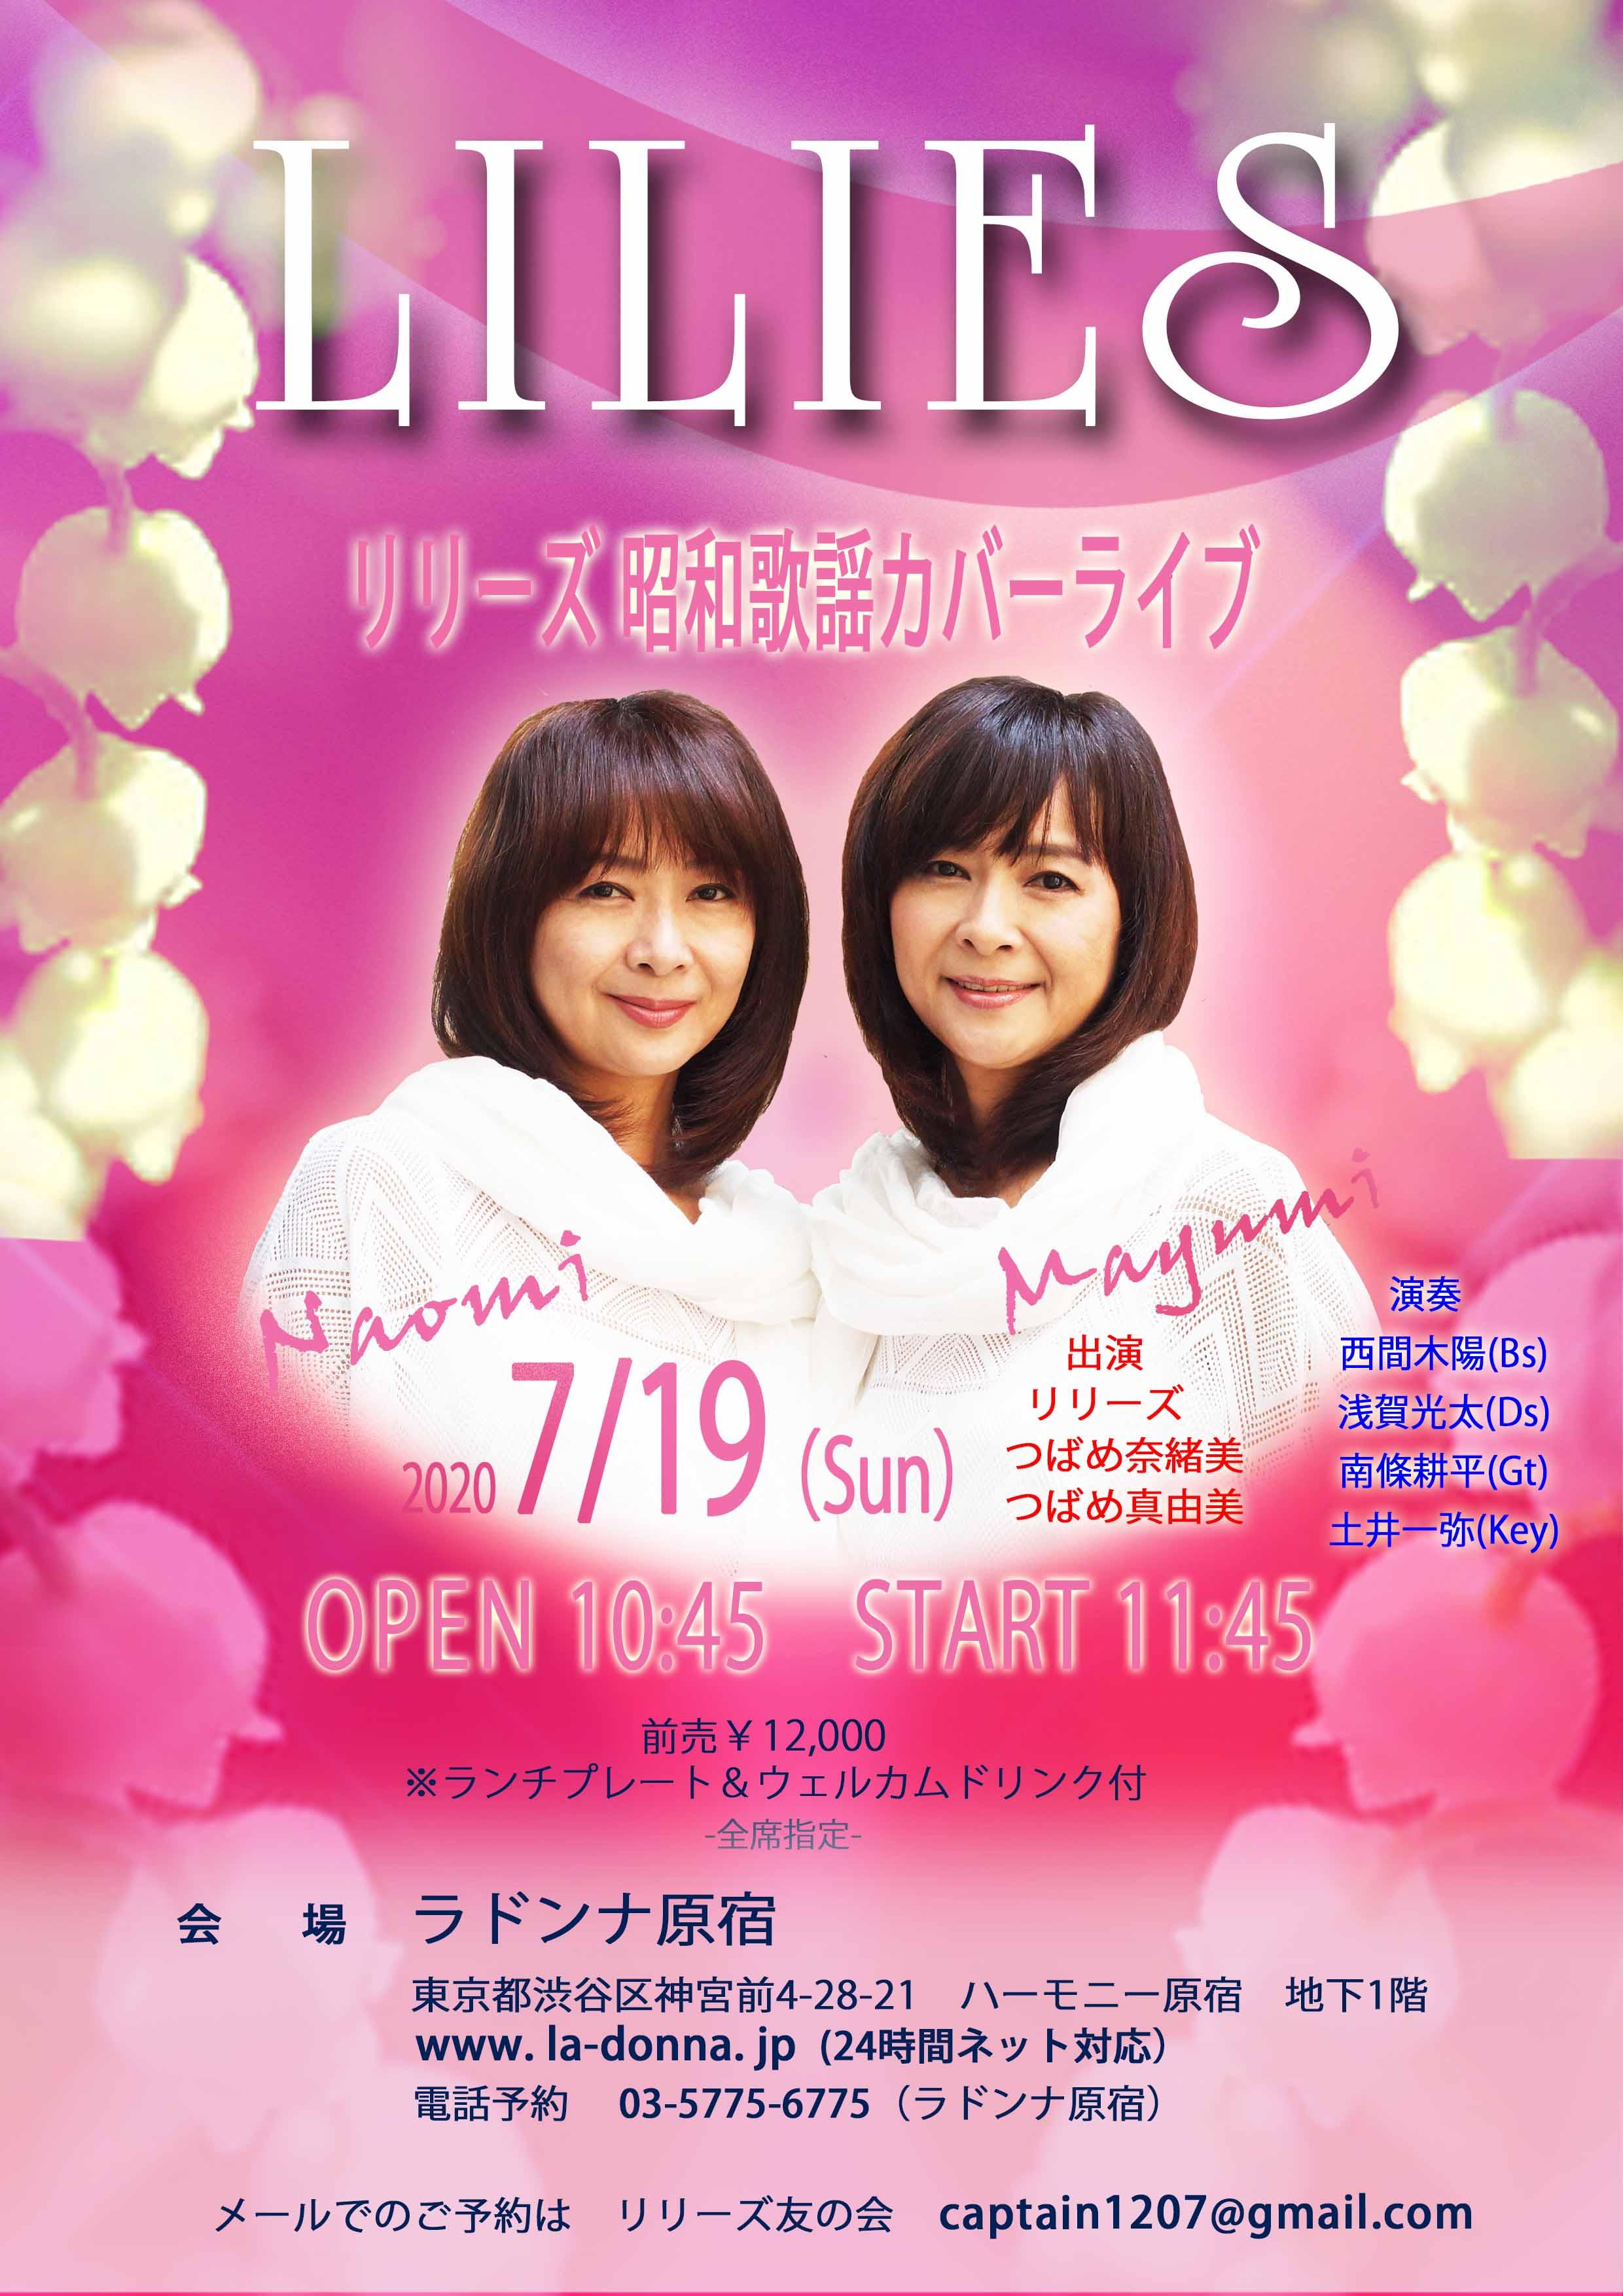 【4月29日振替公演】リリーズ昭和歌謡カバ―ライブ